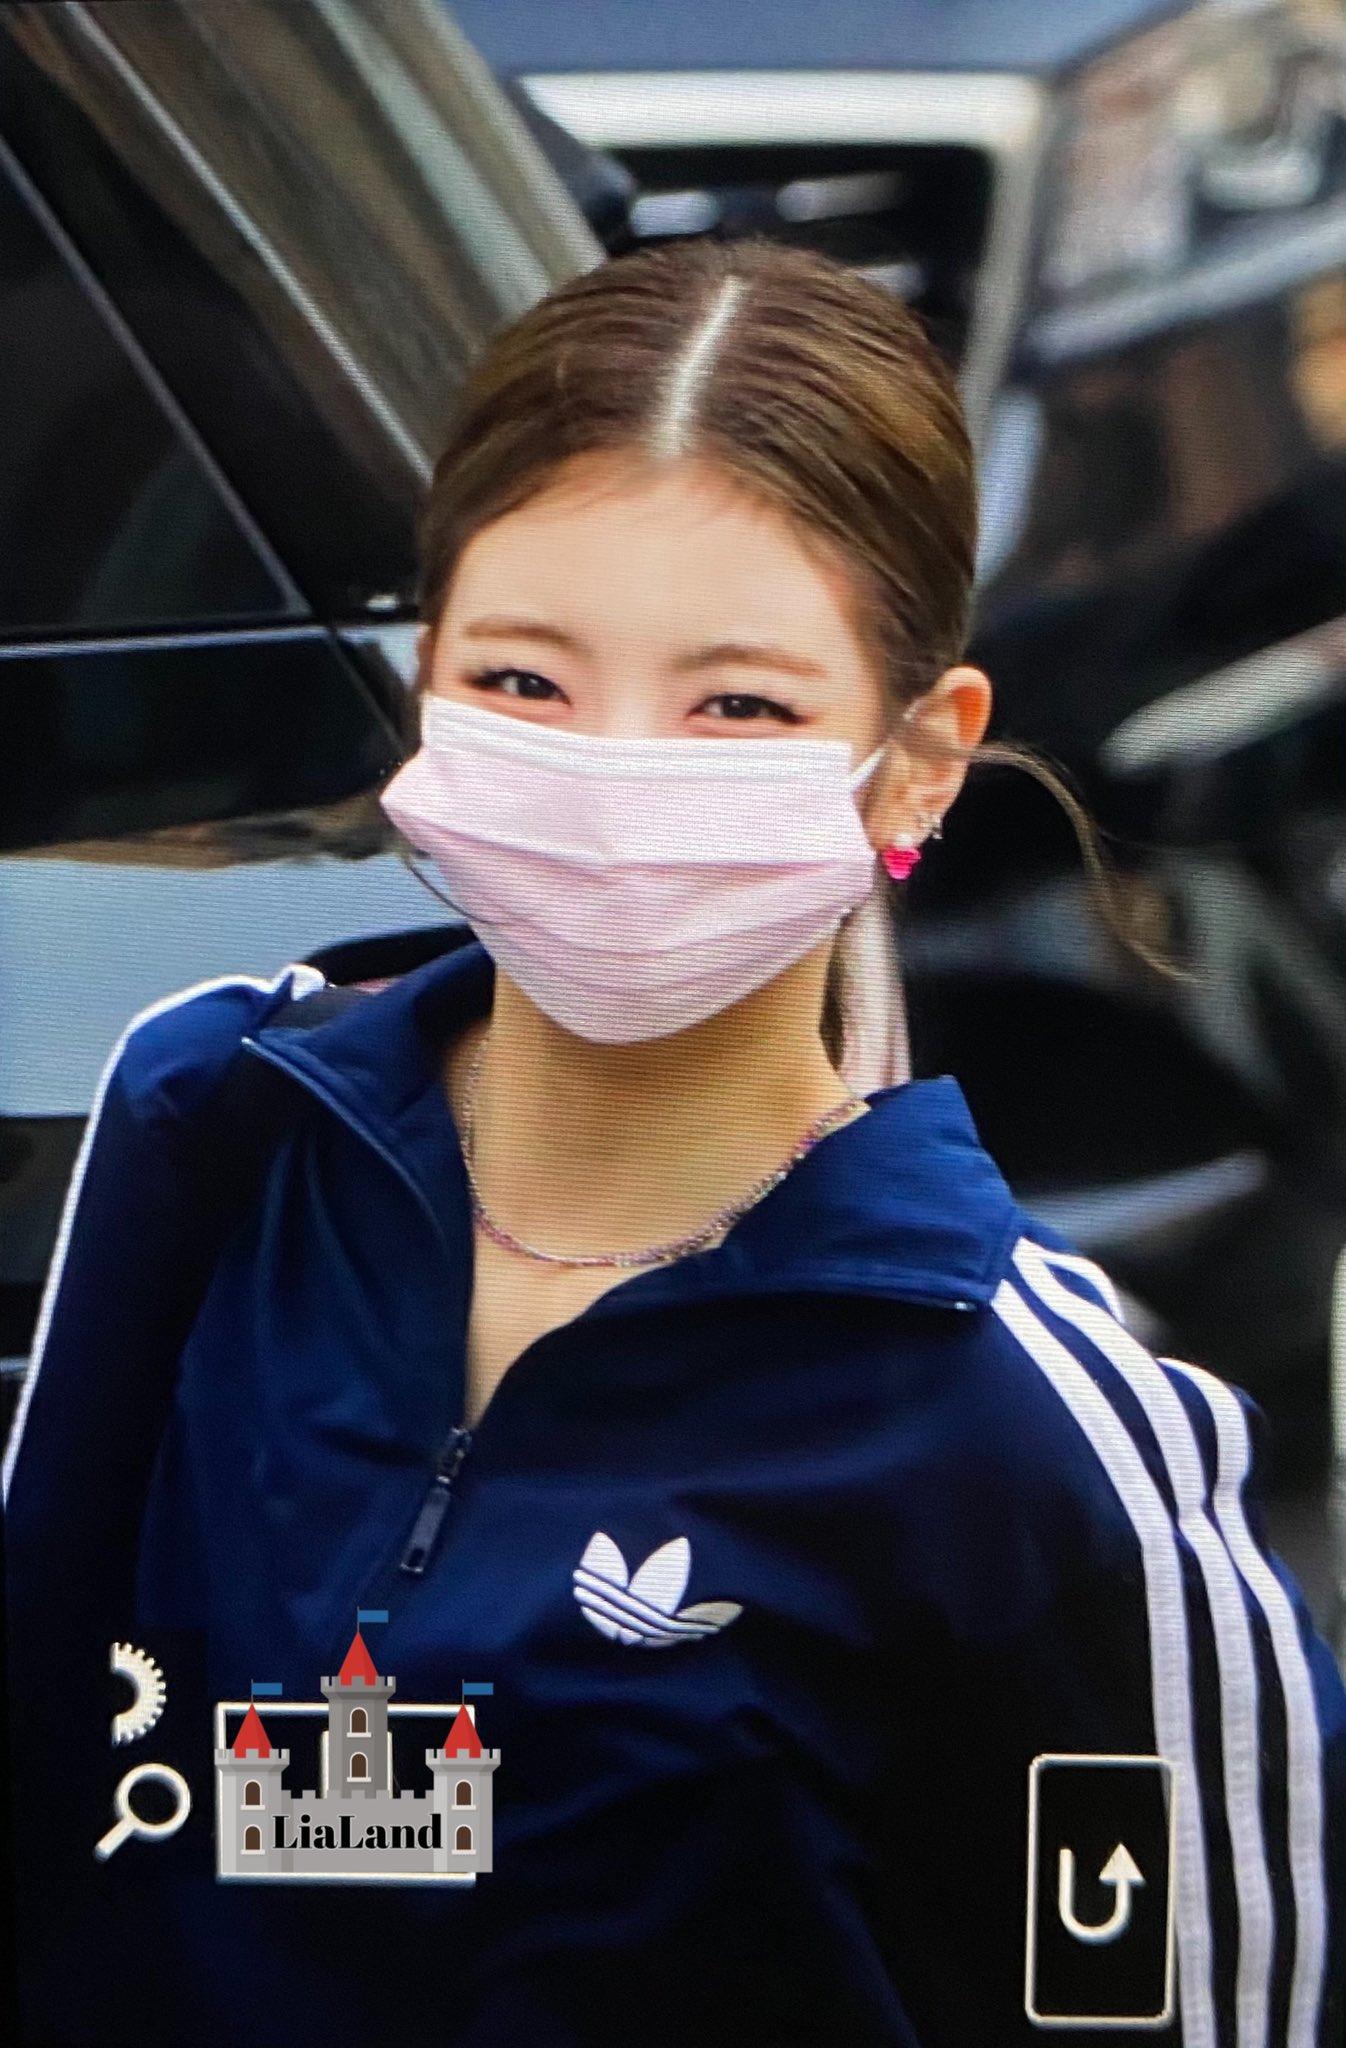 ITZY đi làm: Ryu Jin đỉnh của chóp, Yuna lại bị chê style bà bầu - 6